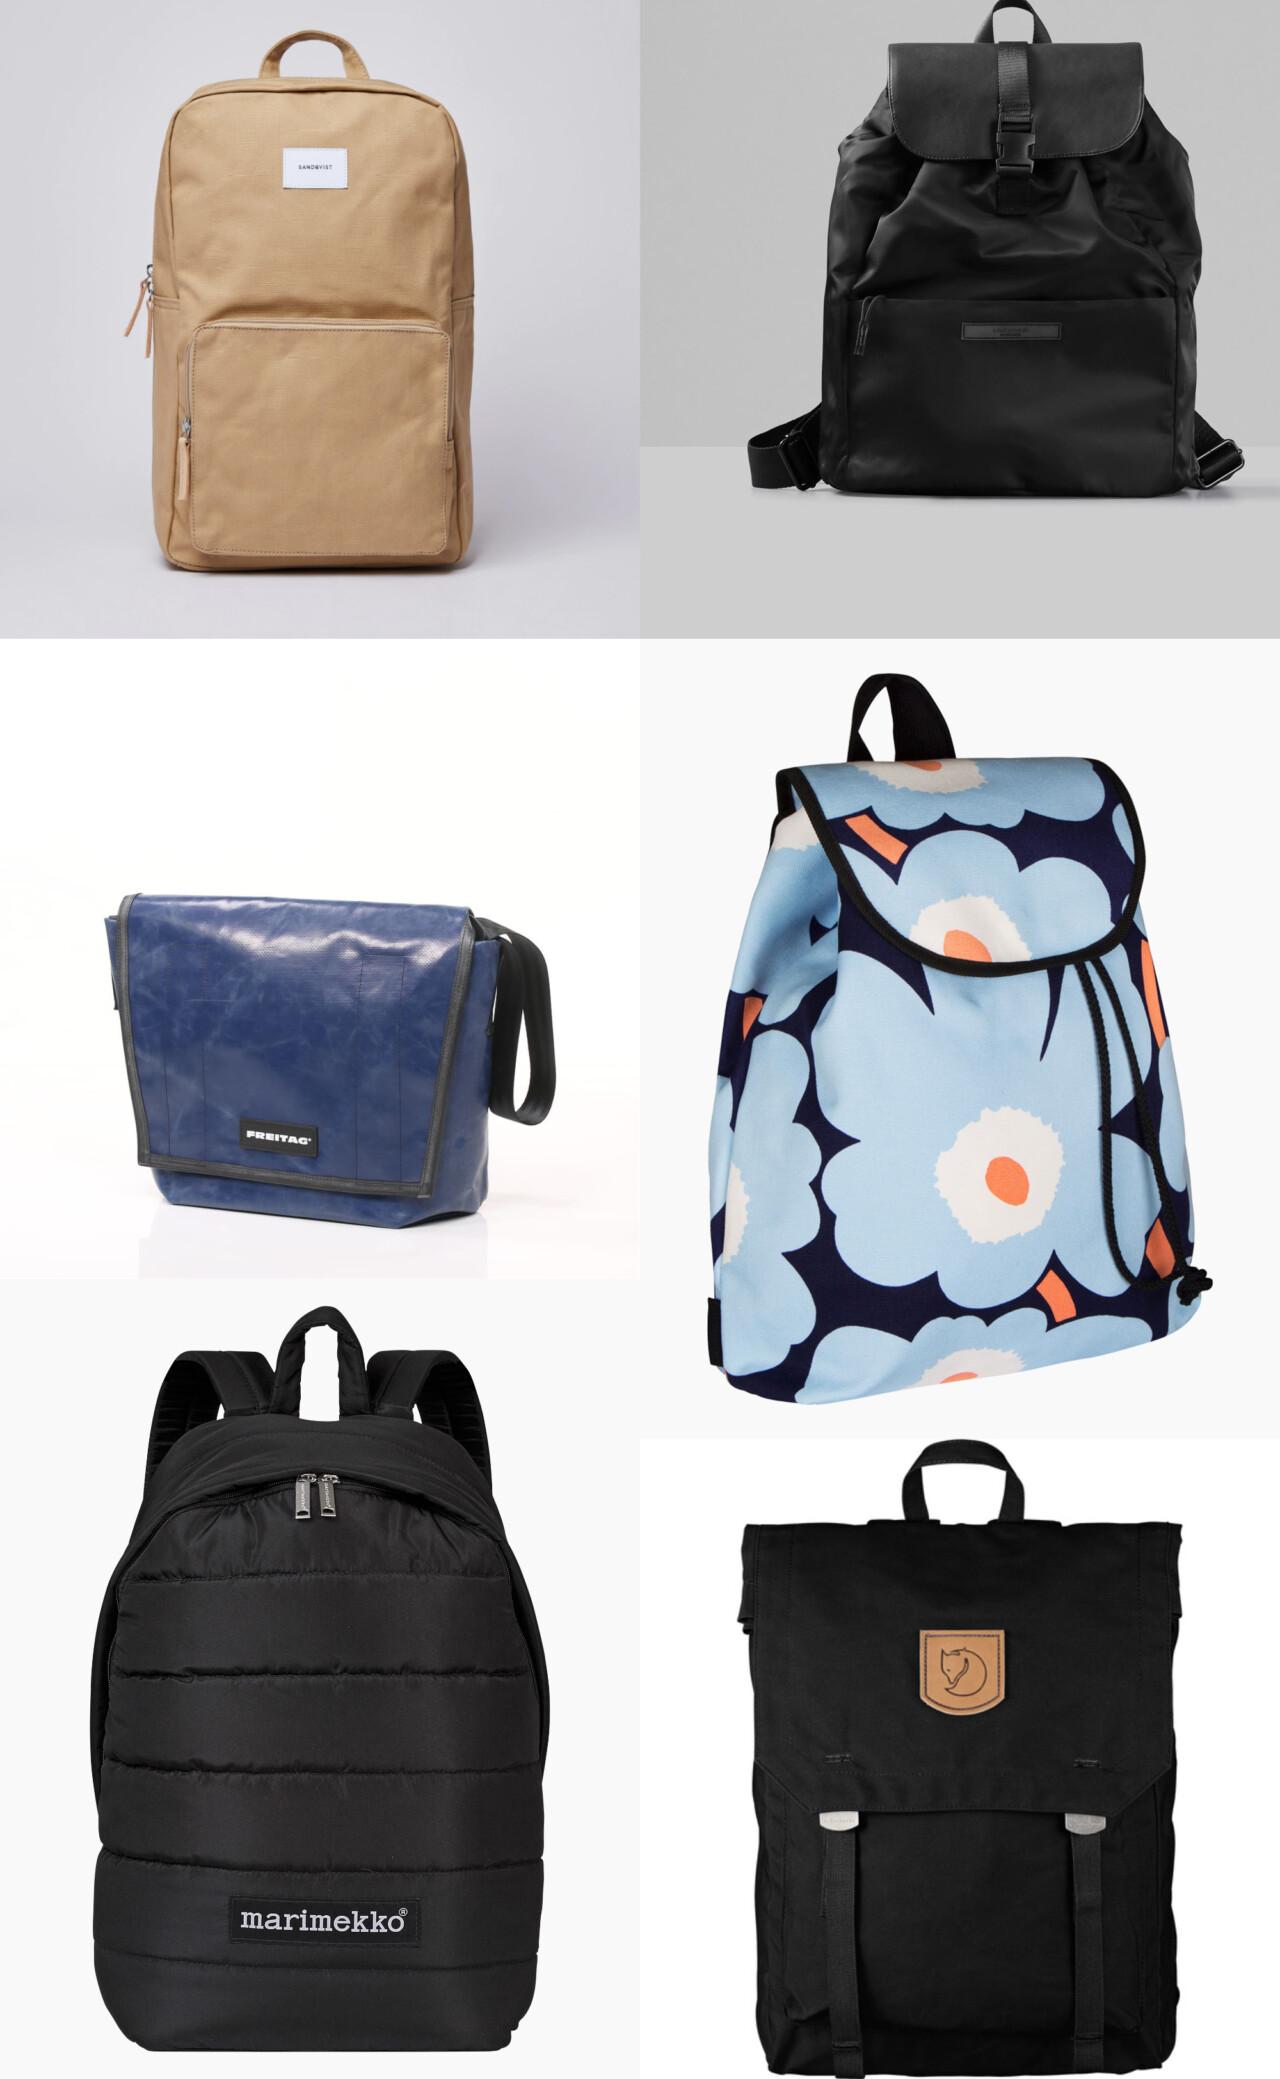 Q&A om ryggsäckar, stress & att våga börja plugga